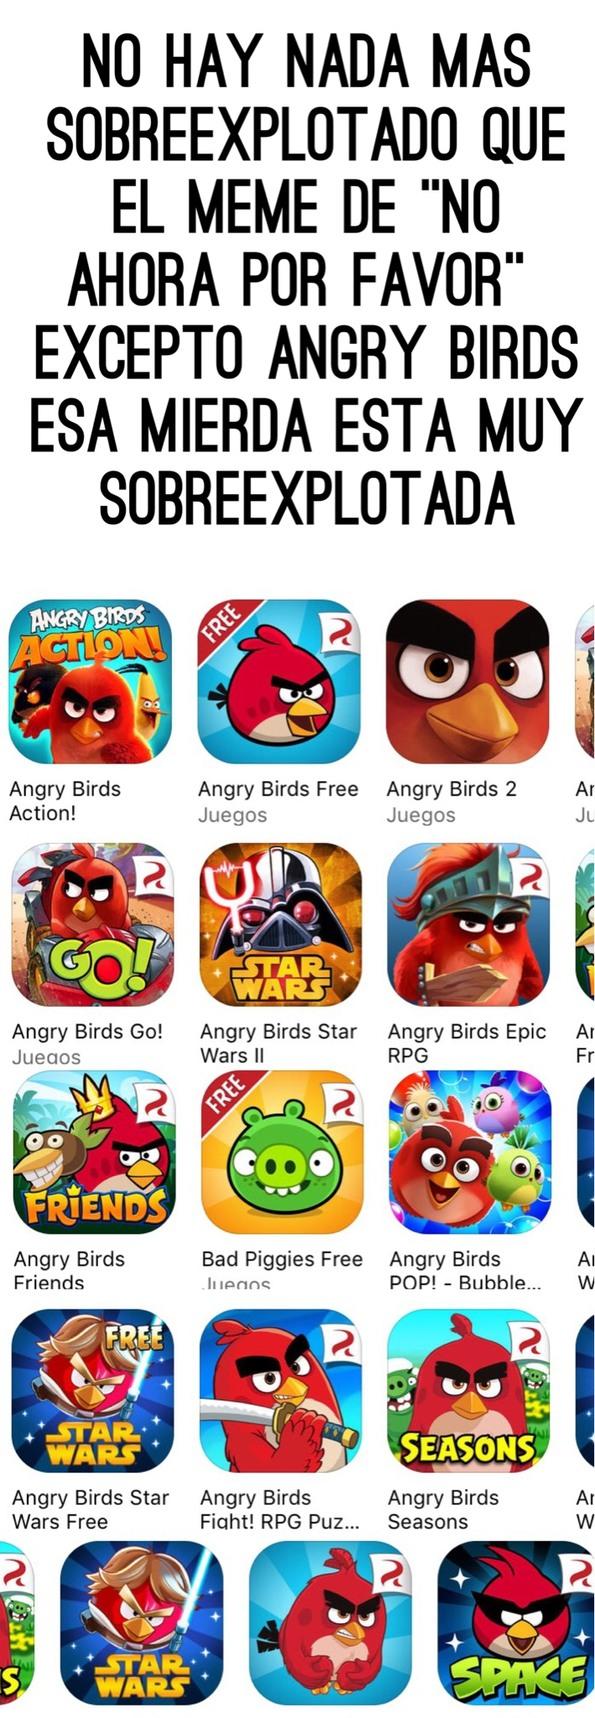 Putos Angry Birds :v - meme